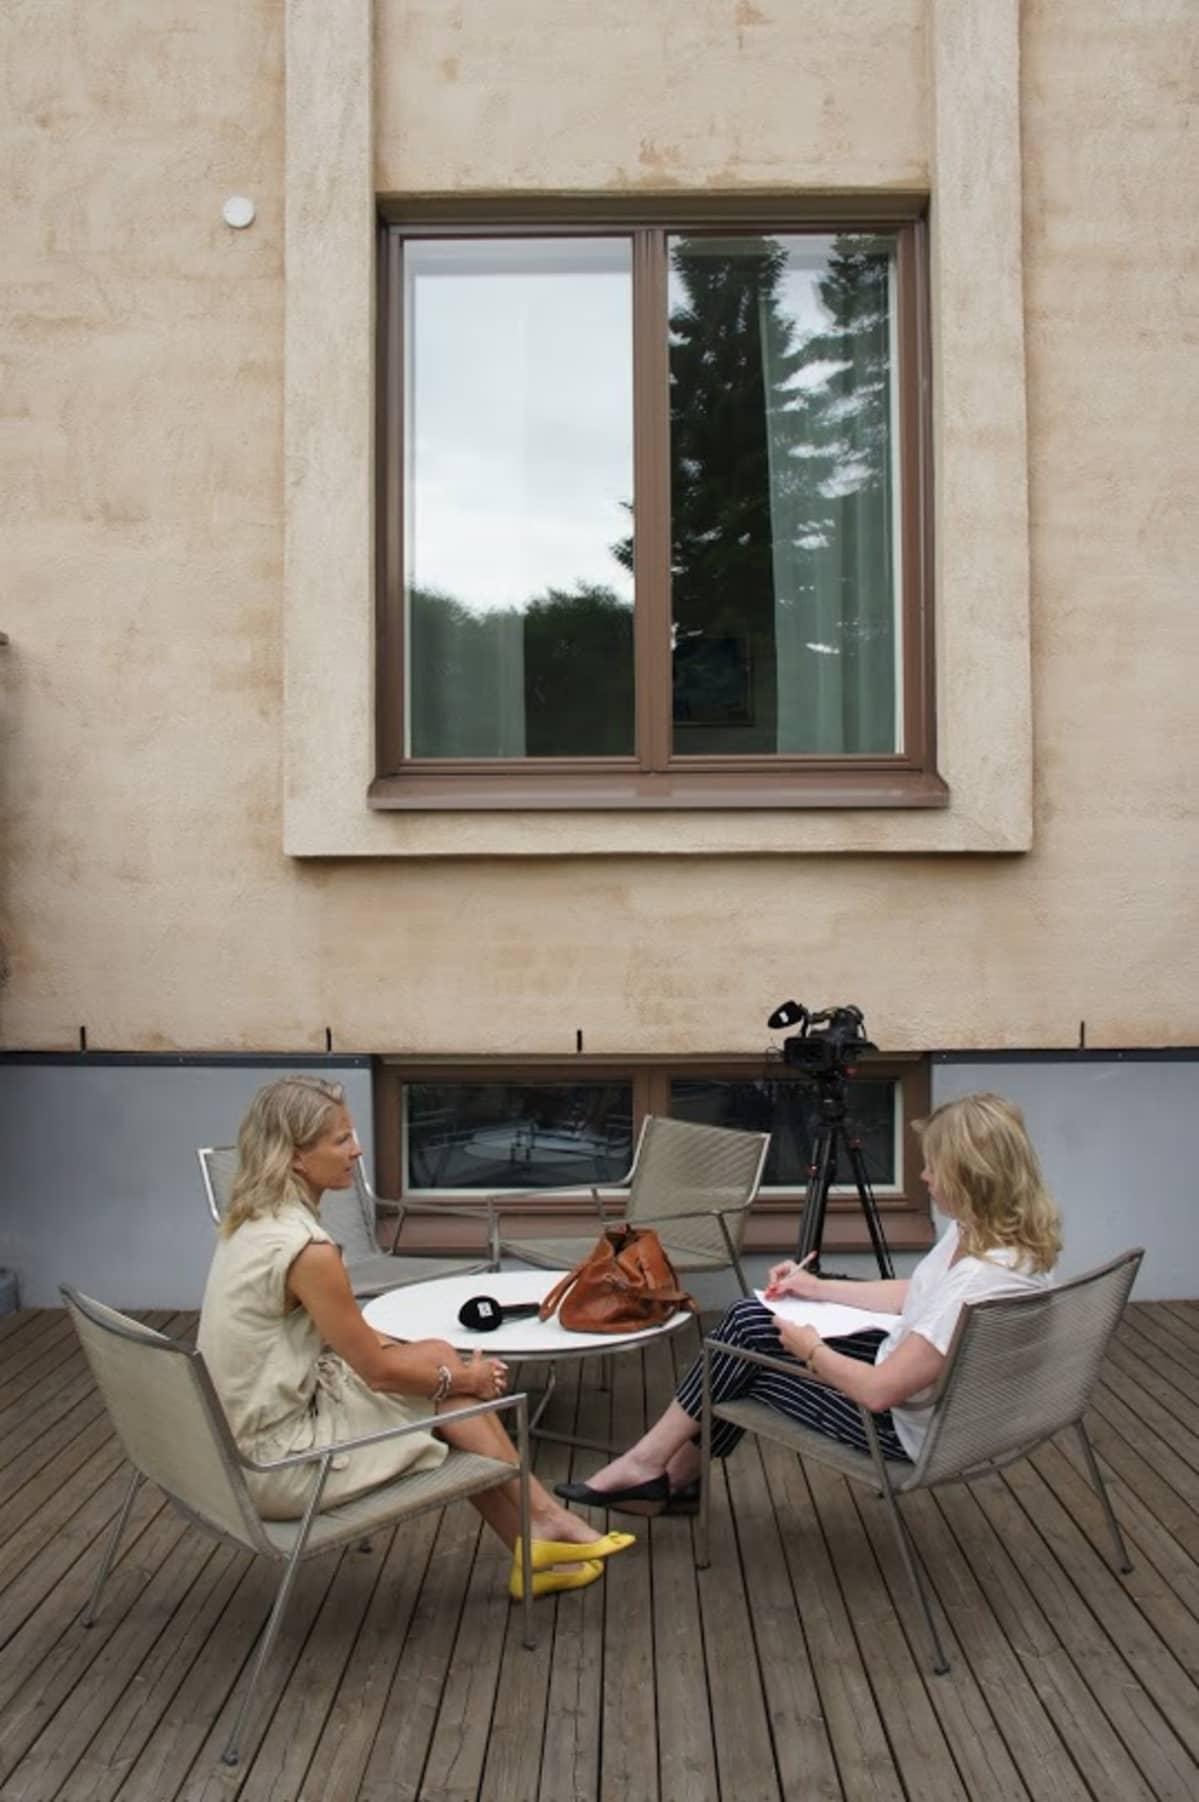 Krogiuksentiellä sijaitsevan talon sisäpihalla Kirta Sirelius (vas.) ja toimittaja Anne Moilanen.